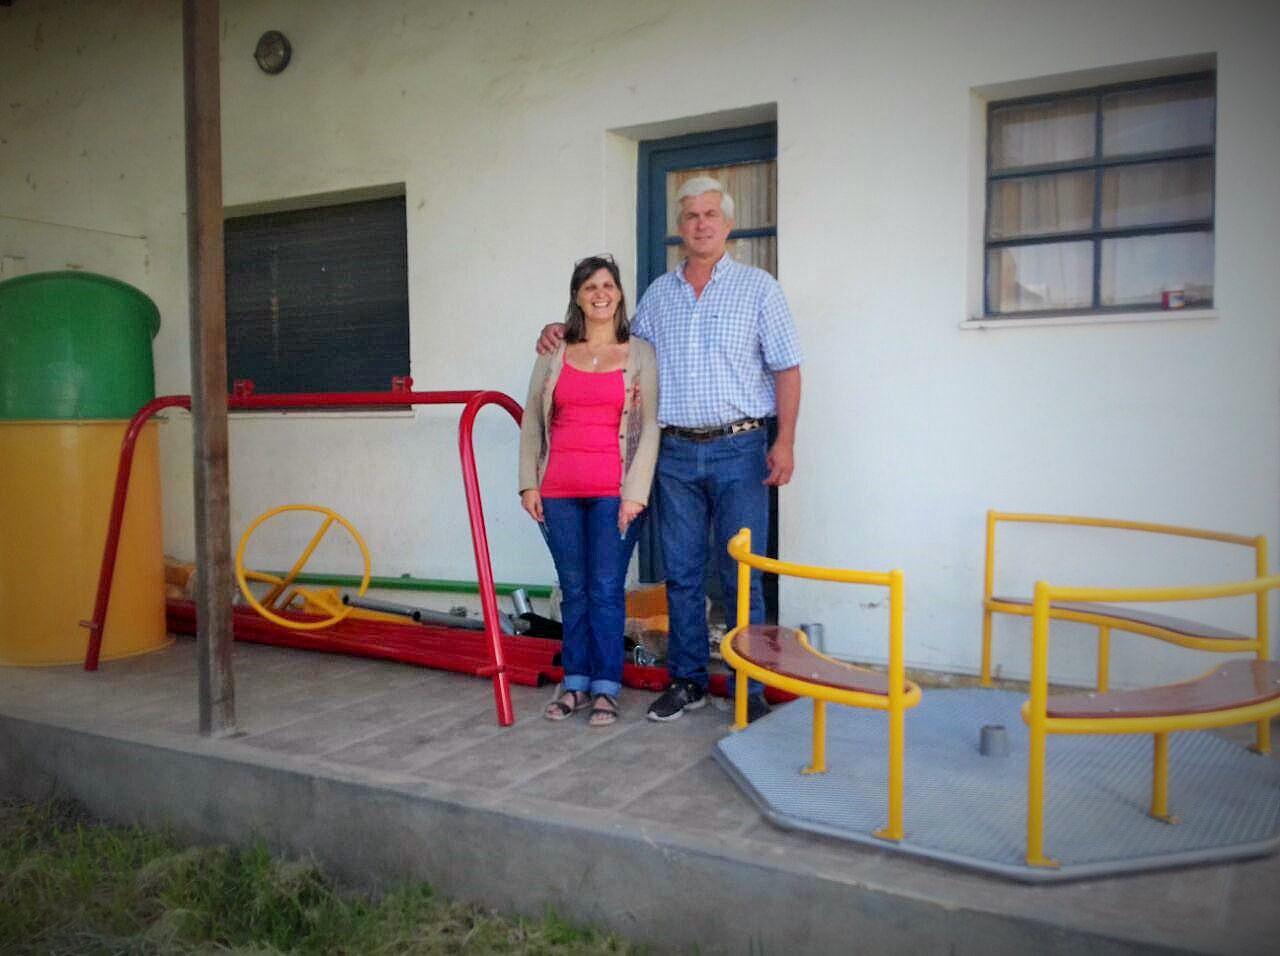 Juegos para el Jardín Nº 905 de Guanaco - Pehuajo